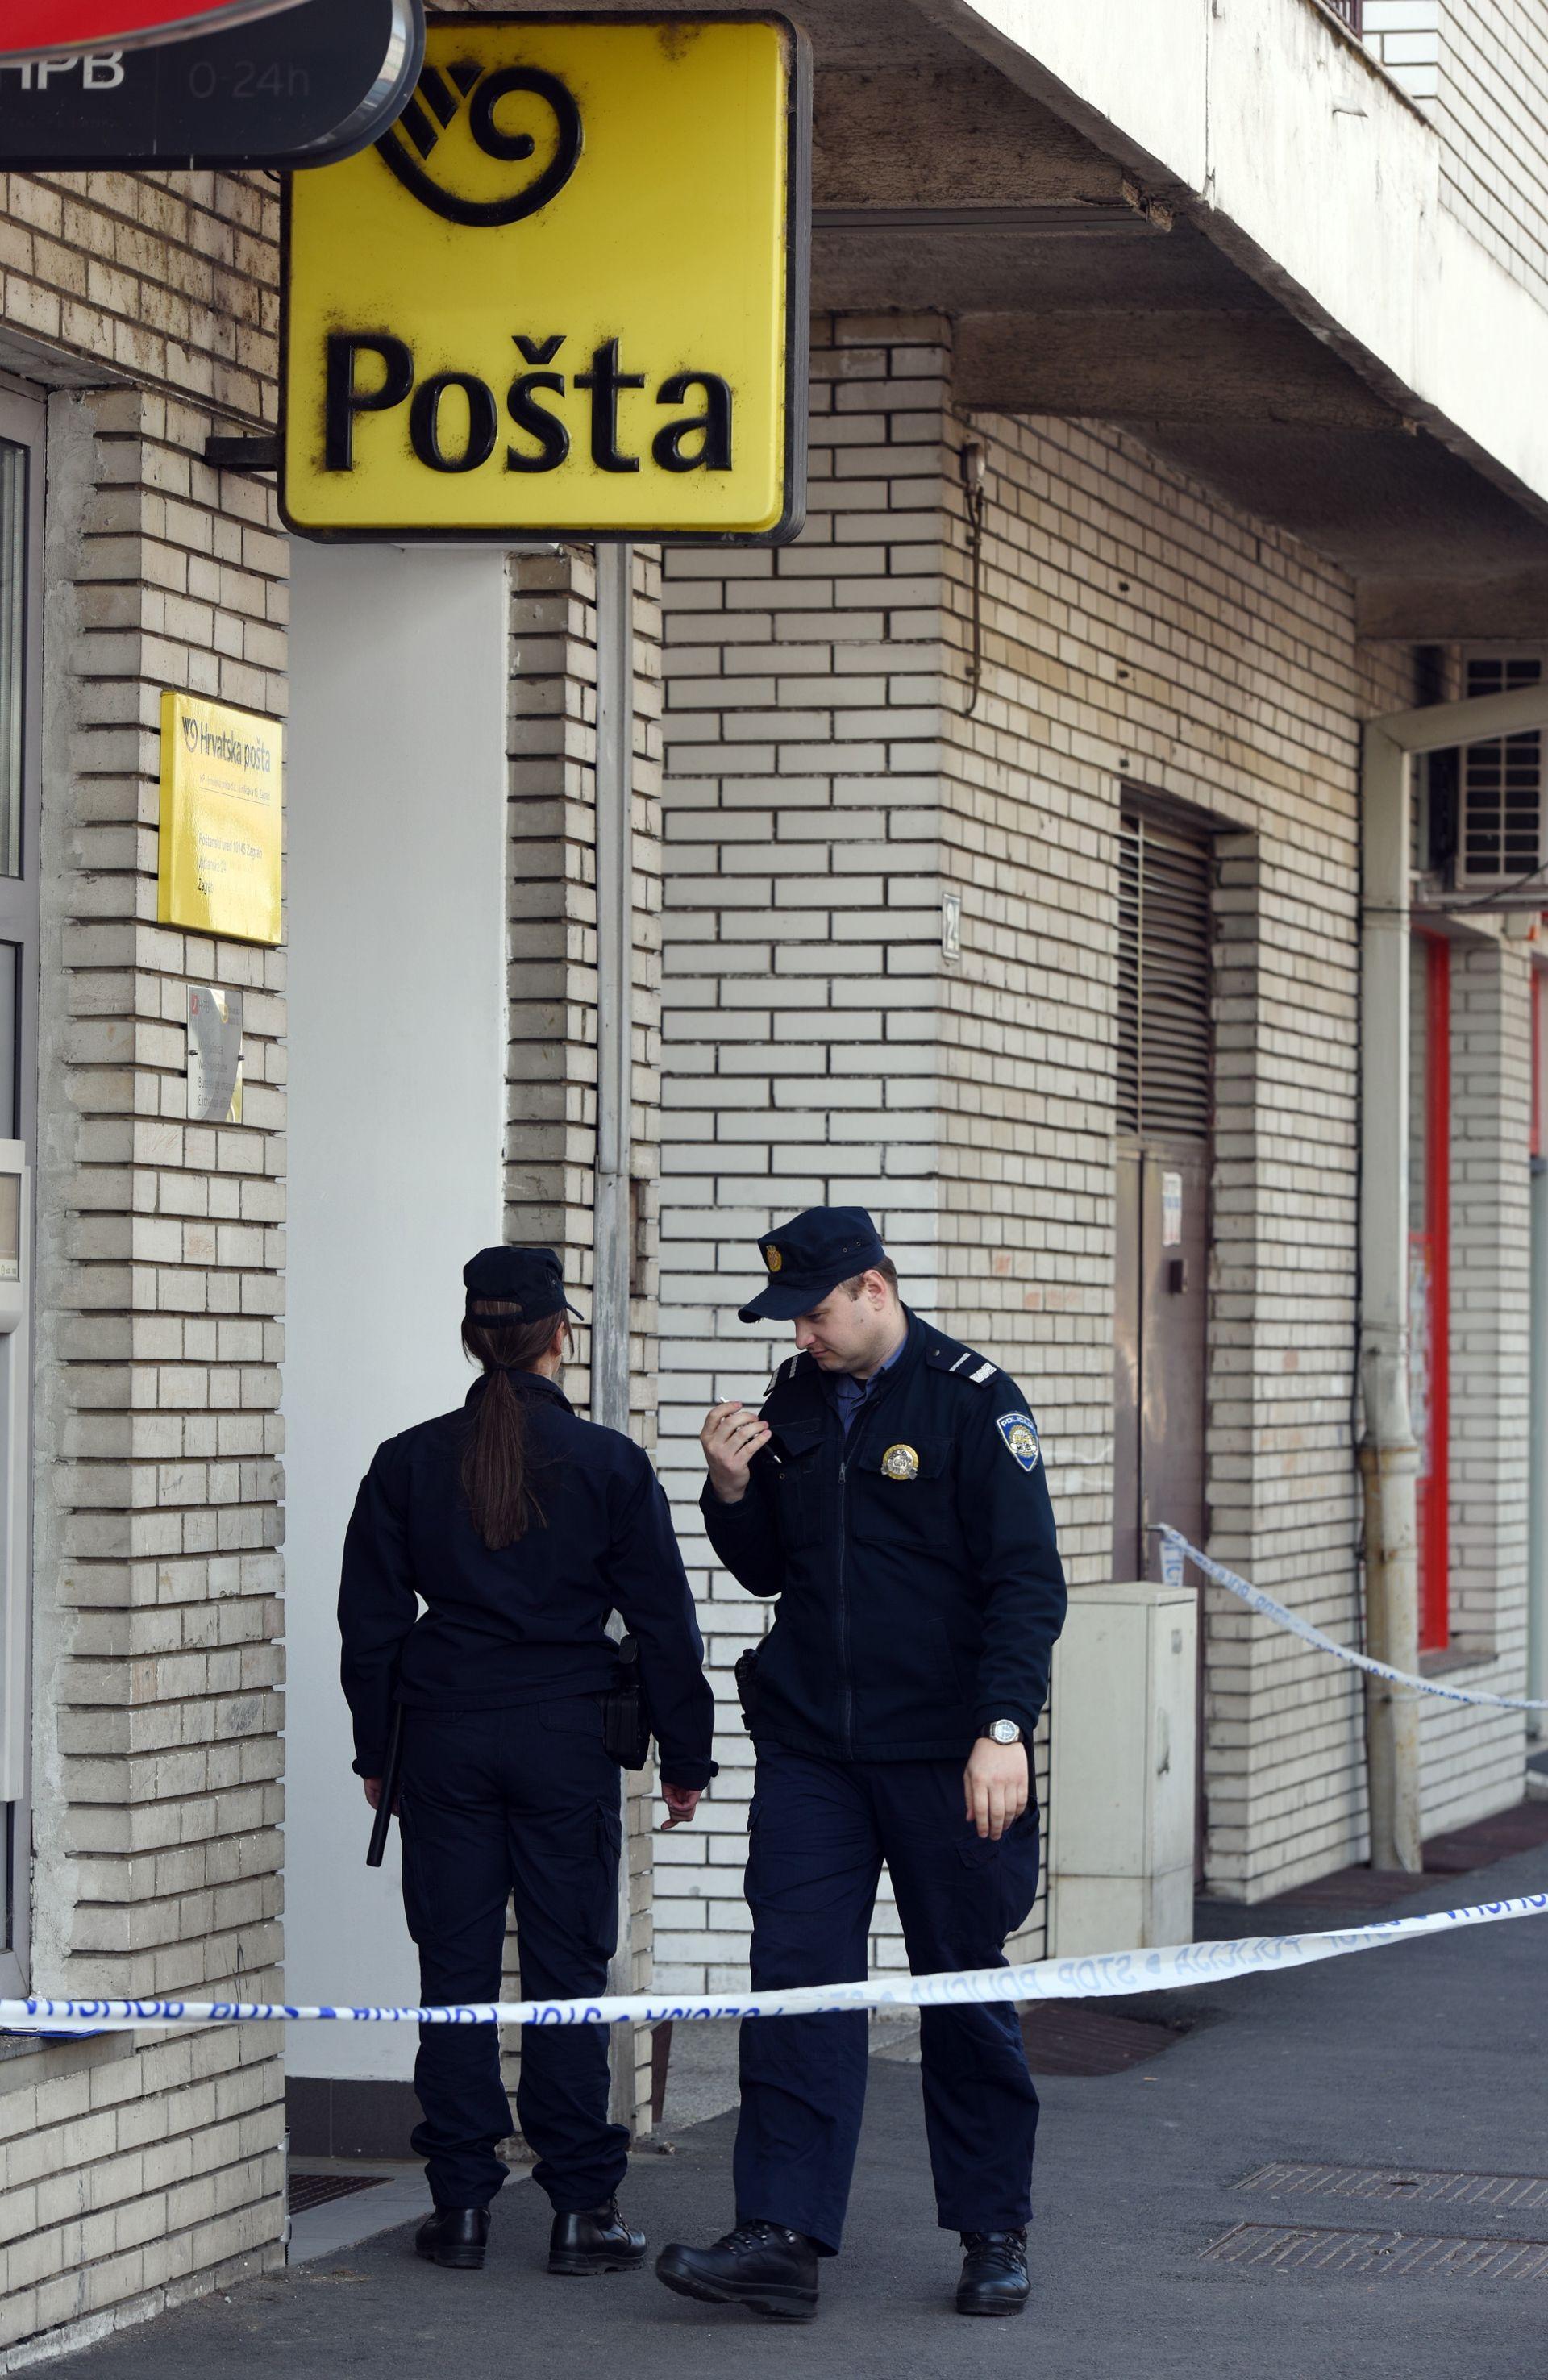 OČEVID U TIJEKU: U Folnegovićevom naselju u Zagrebu opljačkana pošta